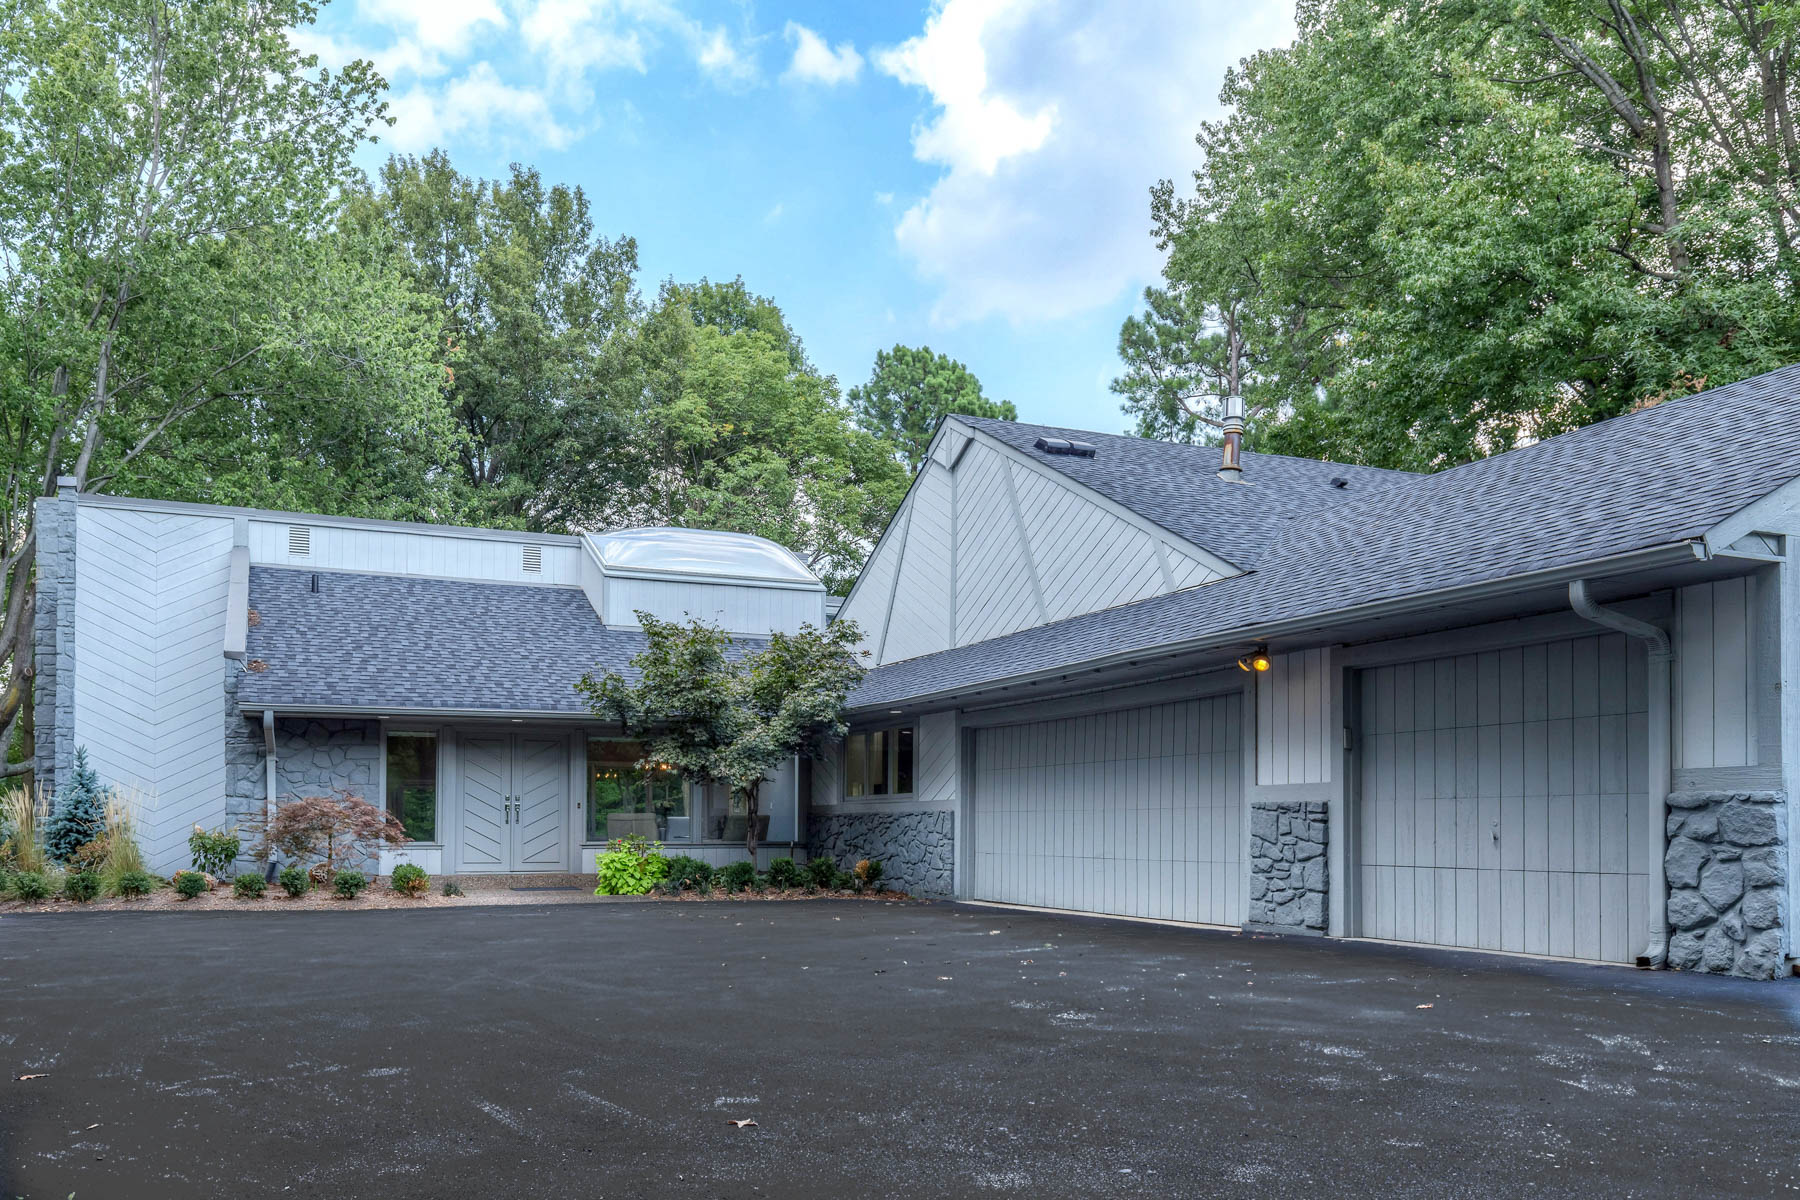 Einfamilienhaus für Verkauf beim Conway Road 11448 Conway Road St. Louis, Missouri, 63131 Vereinigte Staaten